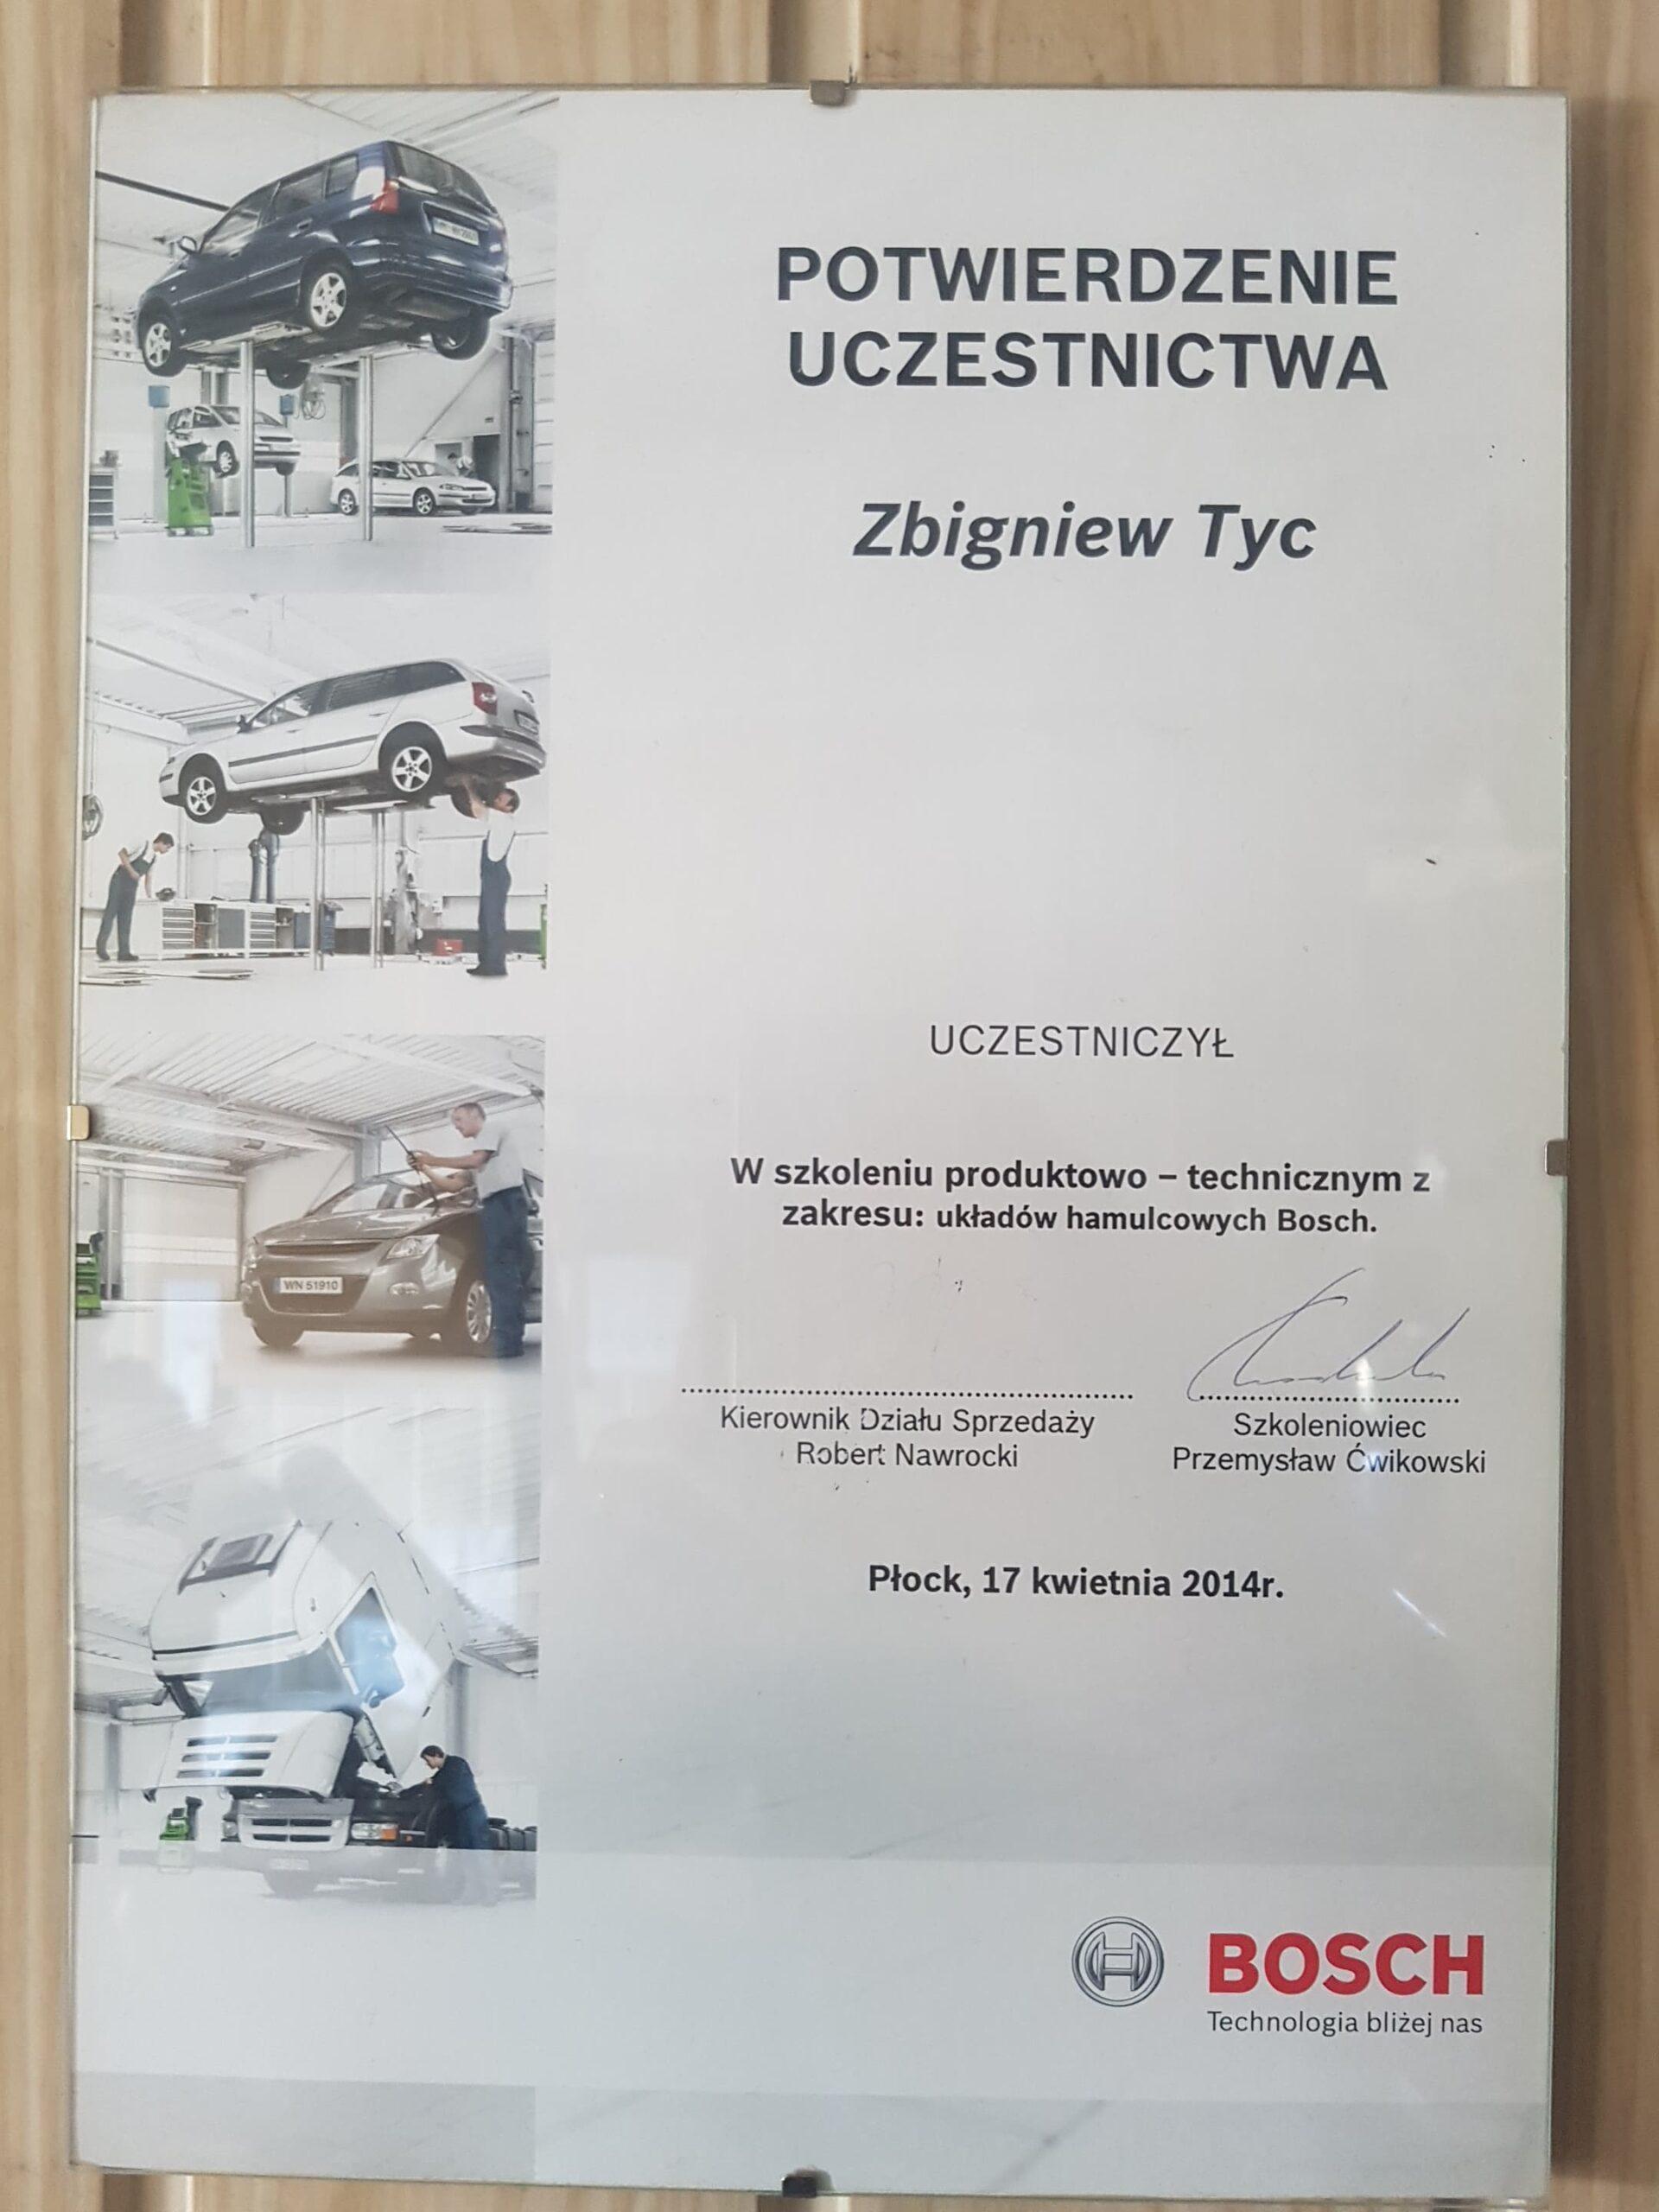 Certyfikat Bosch Układ hamulcowy Elektromechanika Tyc Płock